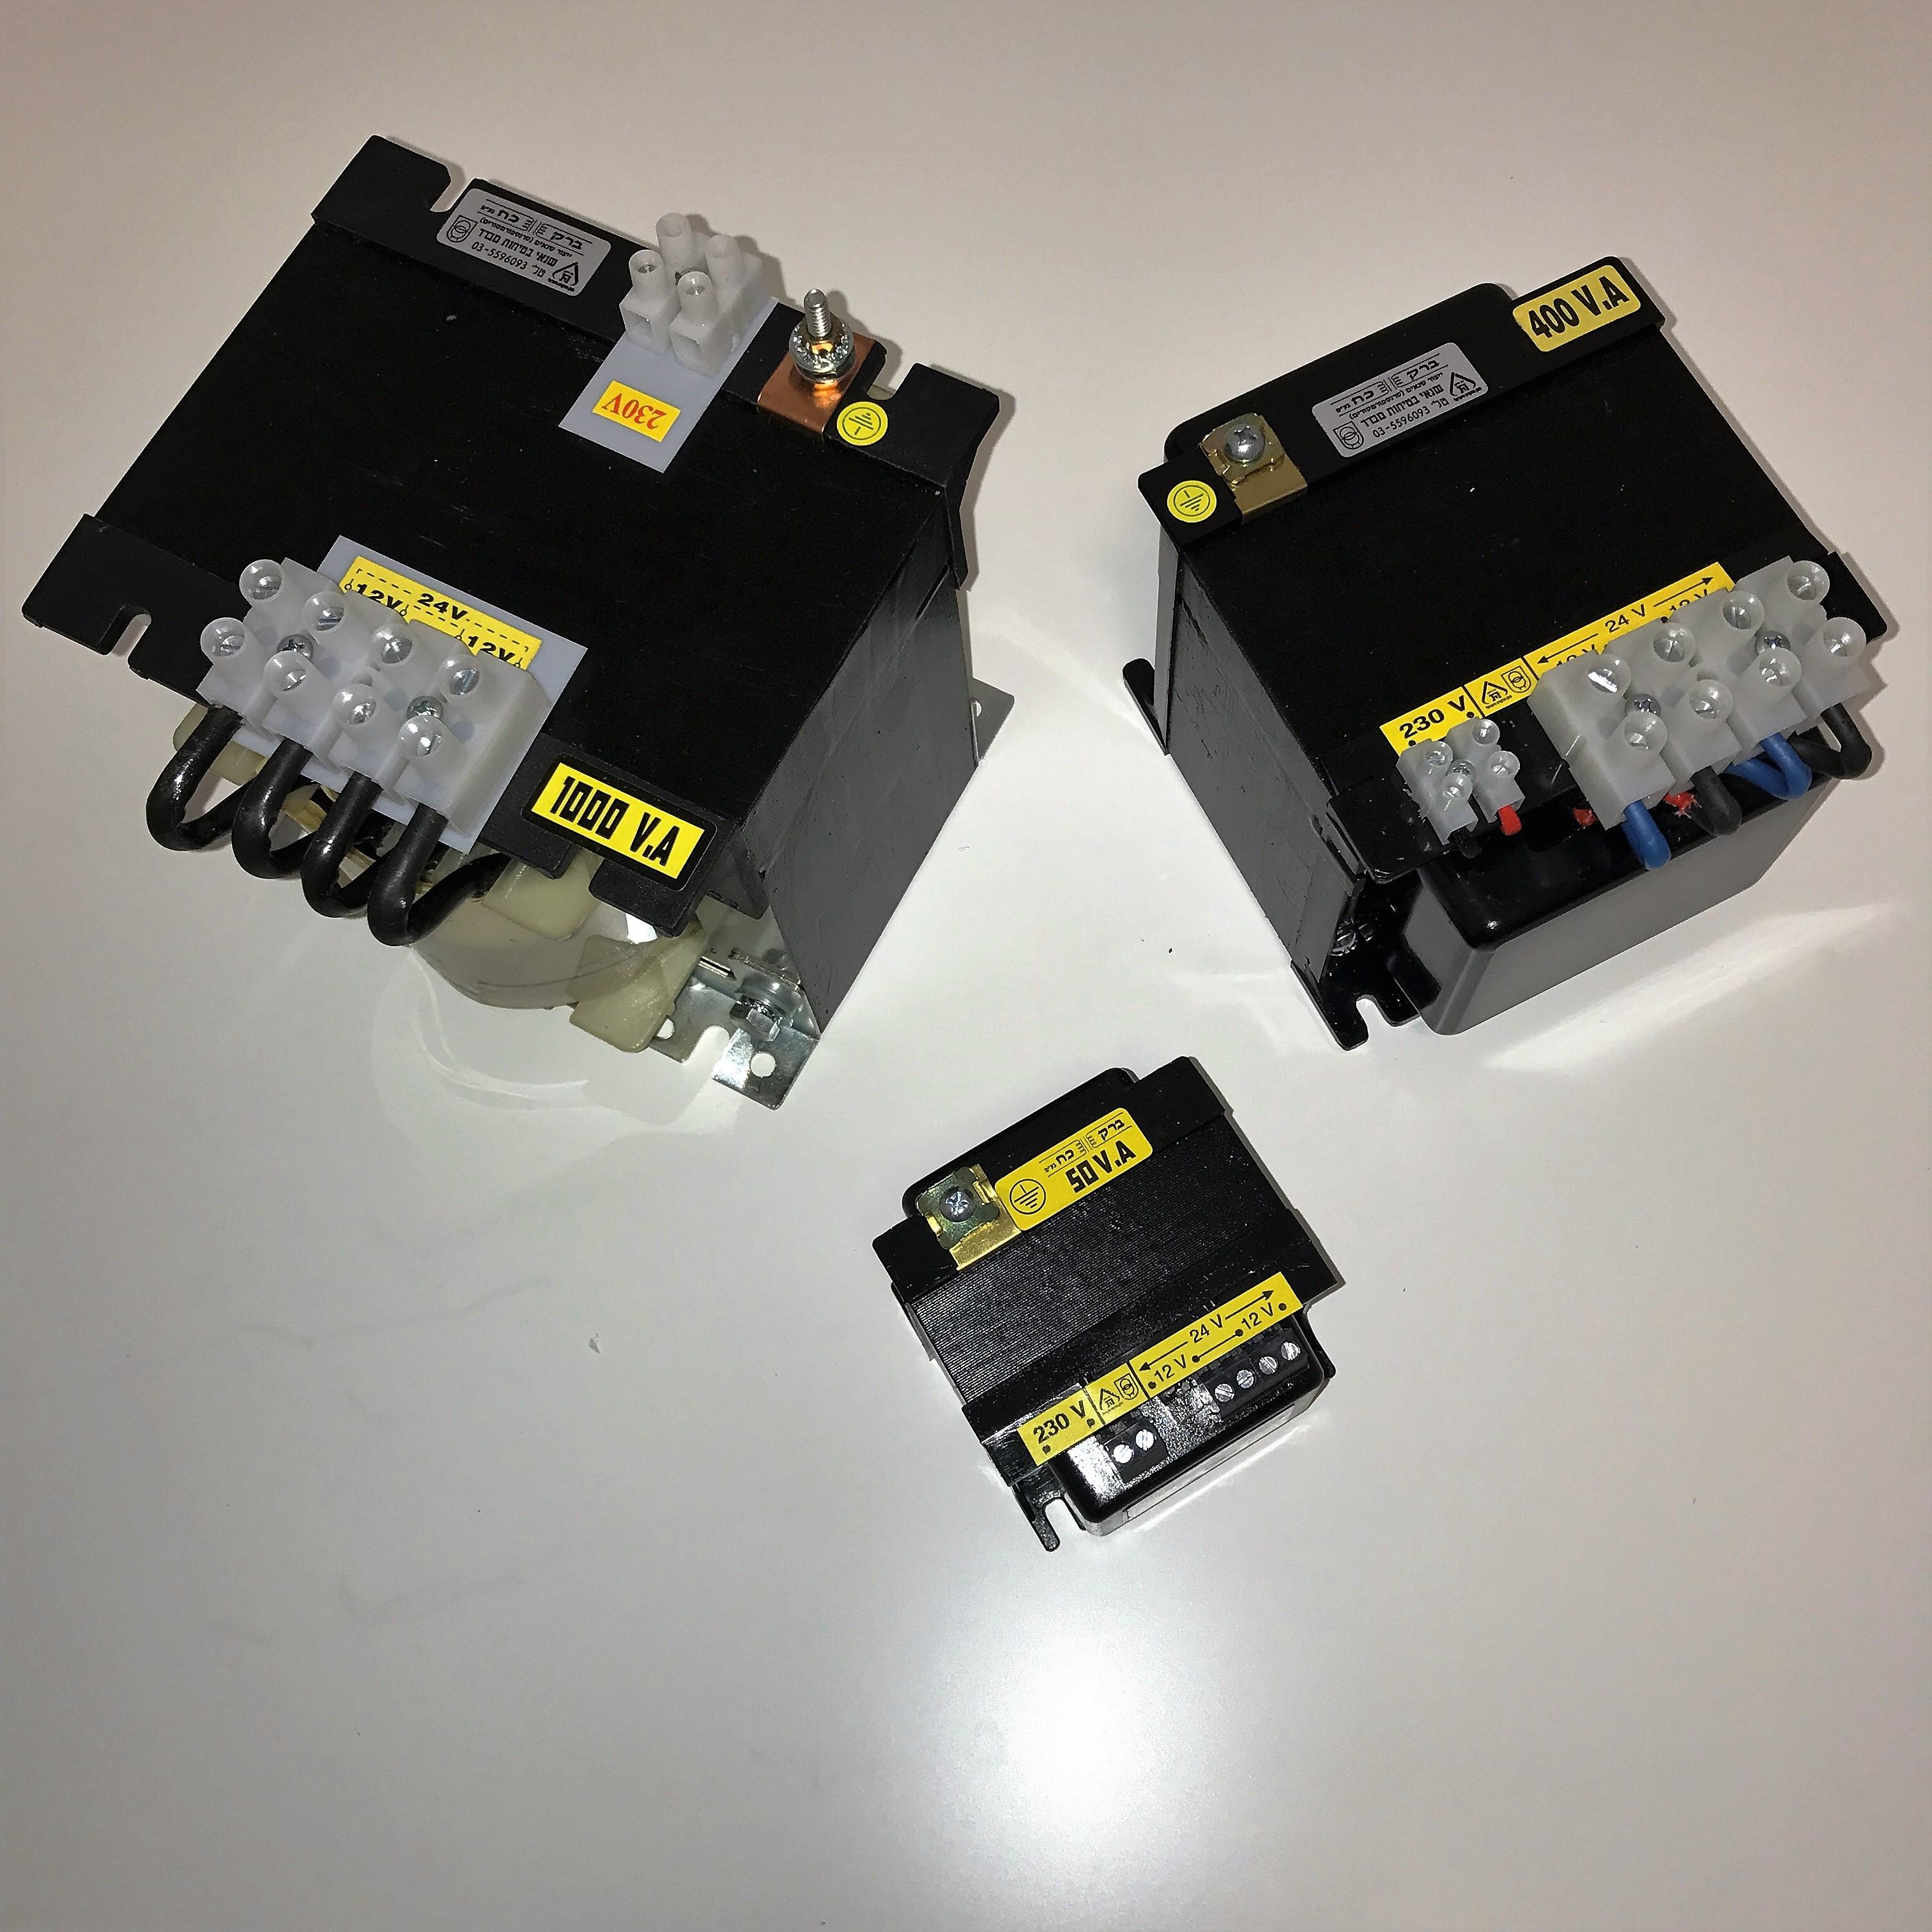 שנאי מבדל בהספק 10000VA במתחים 230V-12V+12V